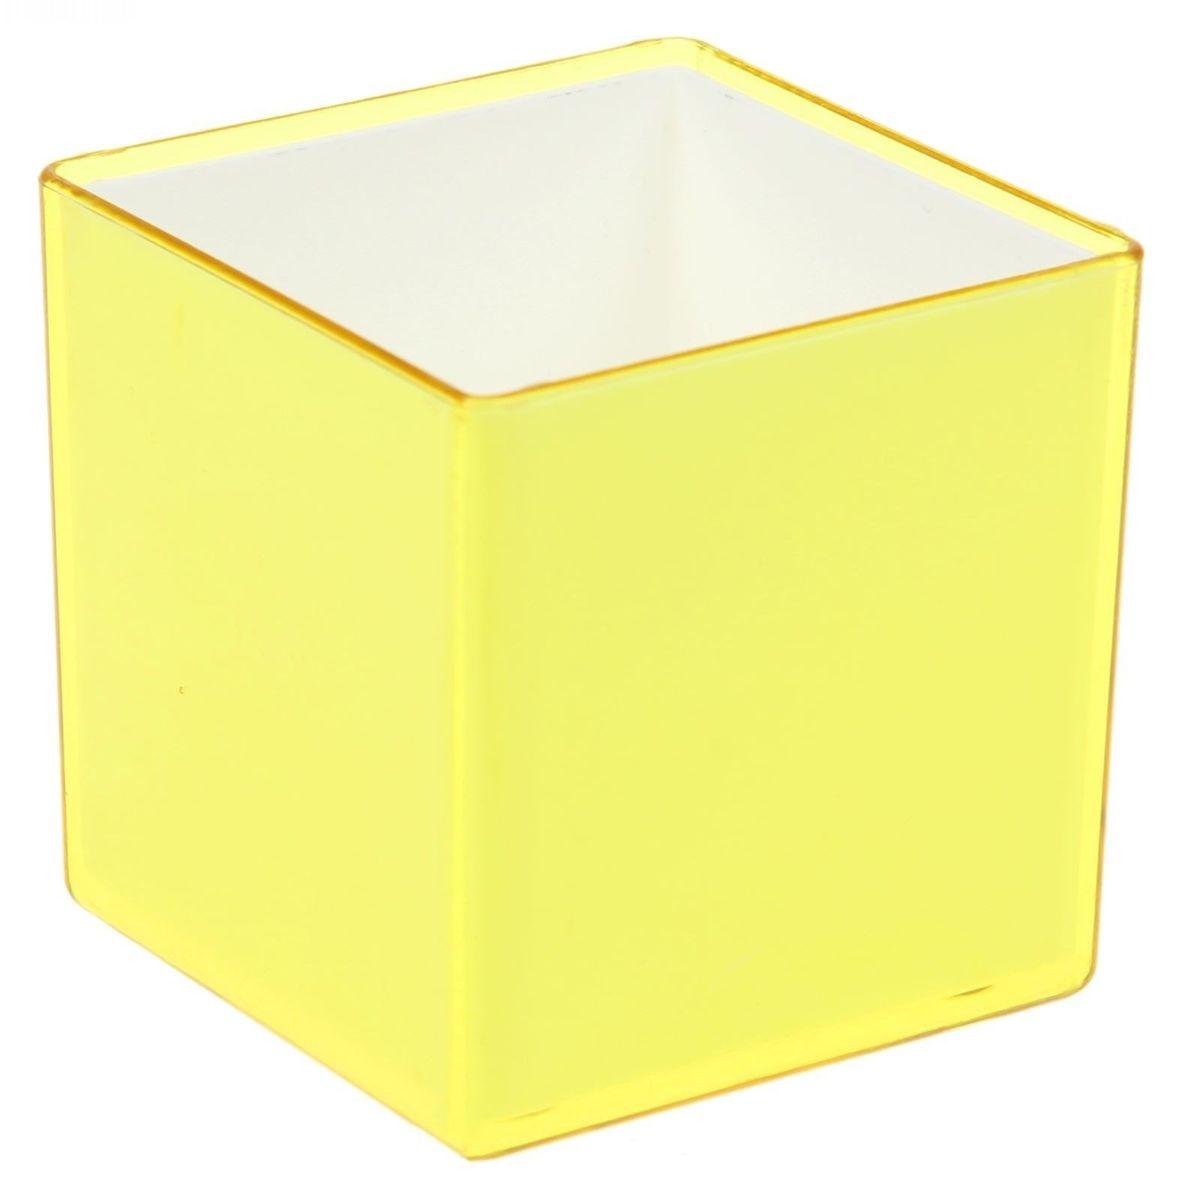 Кашпо JetPlast Мини куб, на магните, цвет: желтый, 6 x 6 x 6 см4612754050499Кашпо JetPlast Мини куб предназначено для украшения любого интерьера. Благодаря магнитной ленте, входящей в комплект, вы можете разместить его не только на подоконнике, столе или иной поверхности, а также на холодильнике и любой другой металлической поверхности, дополняя привычные вещи новыми дизайнерскими решениями. Кашпо можно использовать не только под цветы, но и как подставку для ручек, карандашей и прочих канцелярских мелочей.Размеры кашпо: 6 х 6 х 6 см.